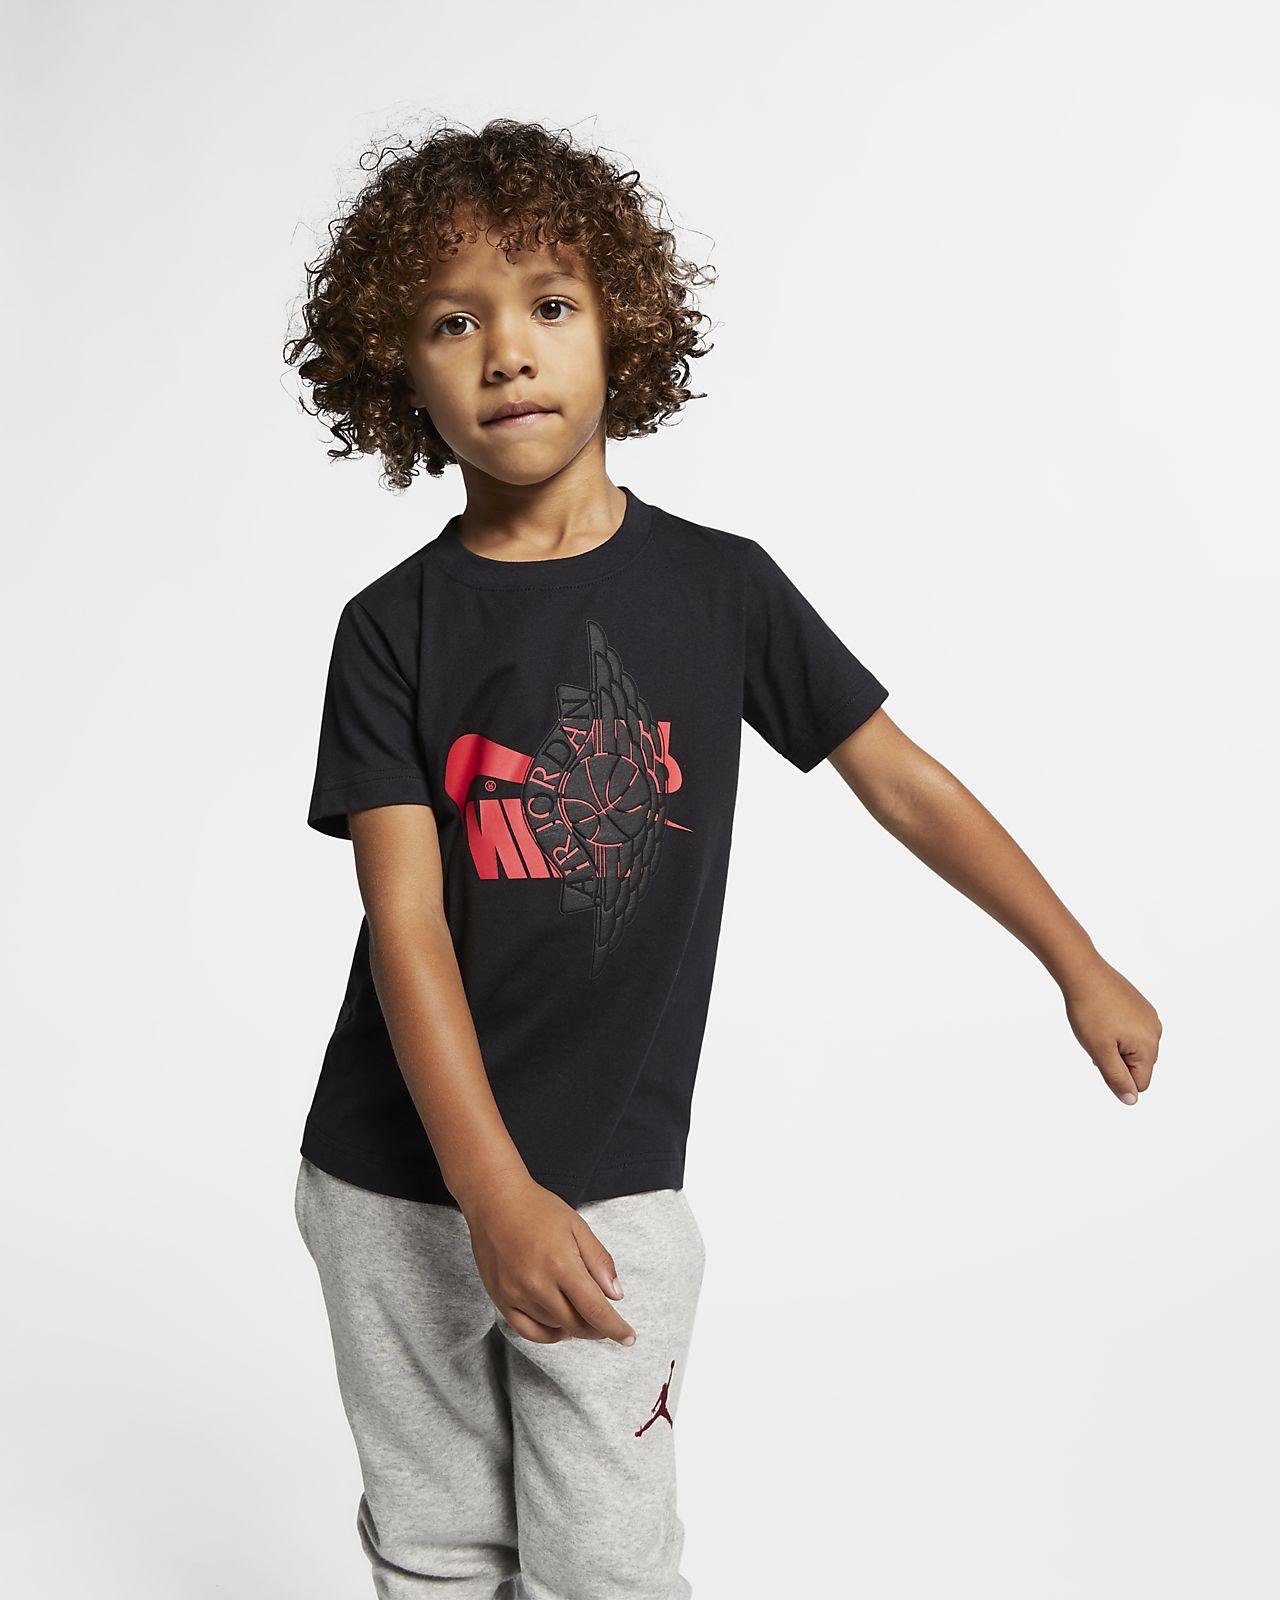 nouvelle arrivee d29dd 91ba3 Tee-shirt Jordan Sportswear Wings pour Jeune enfant